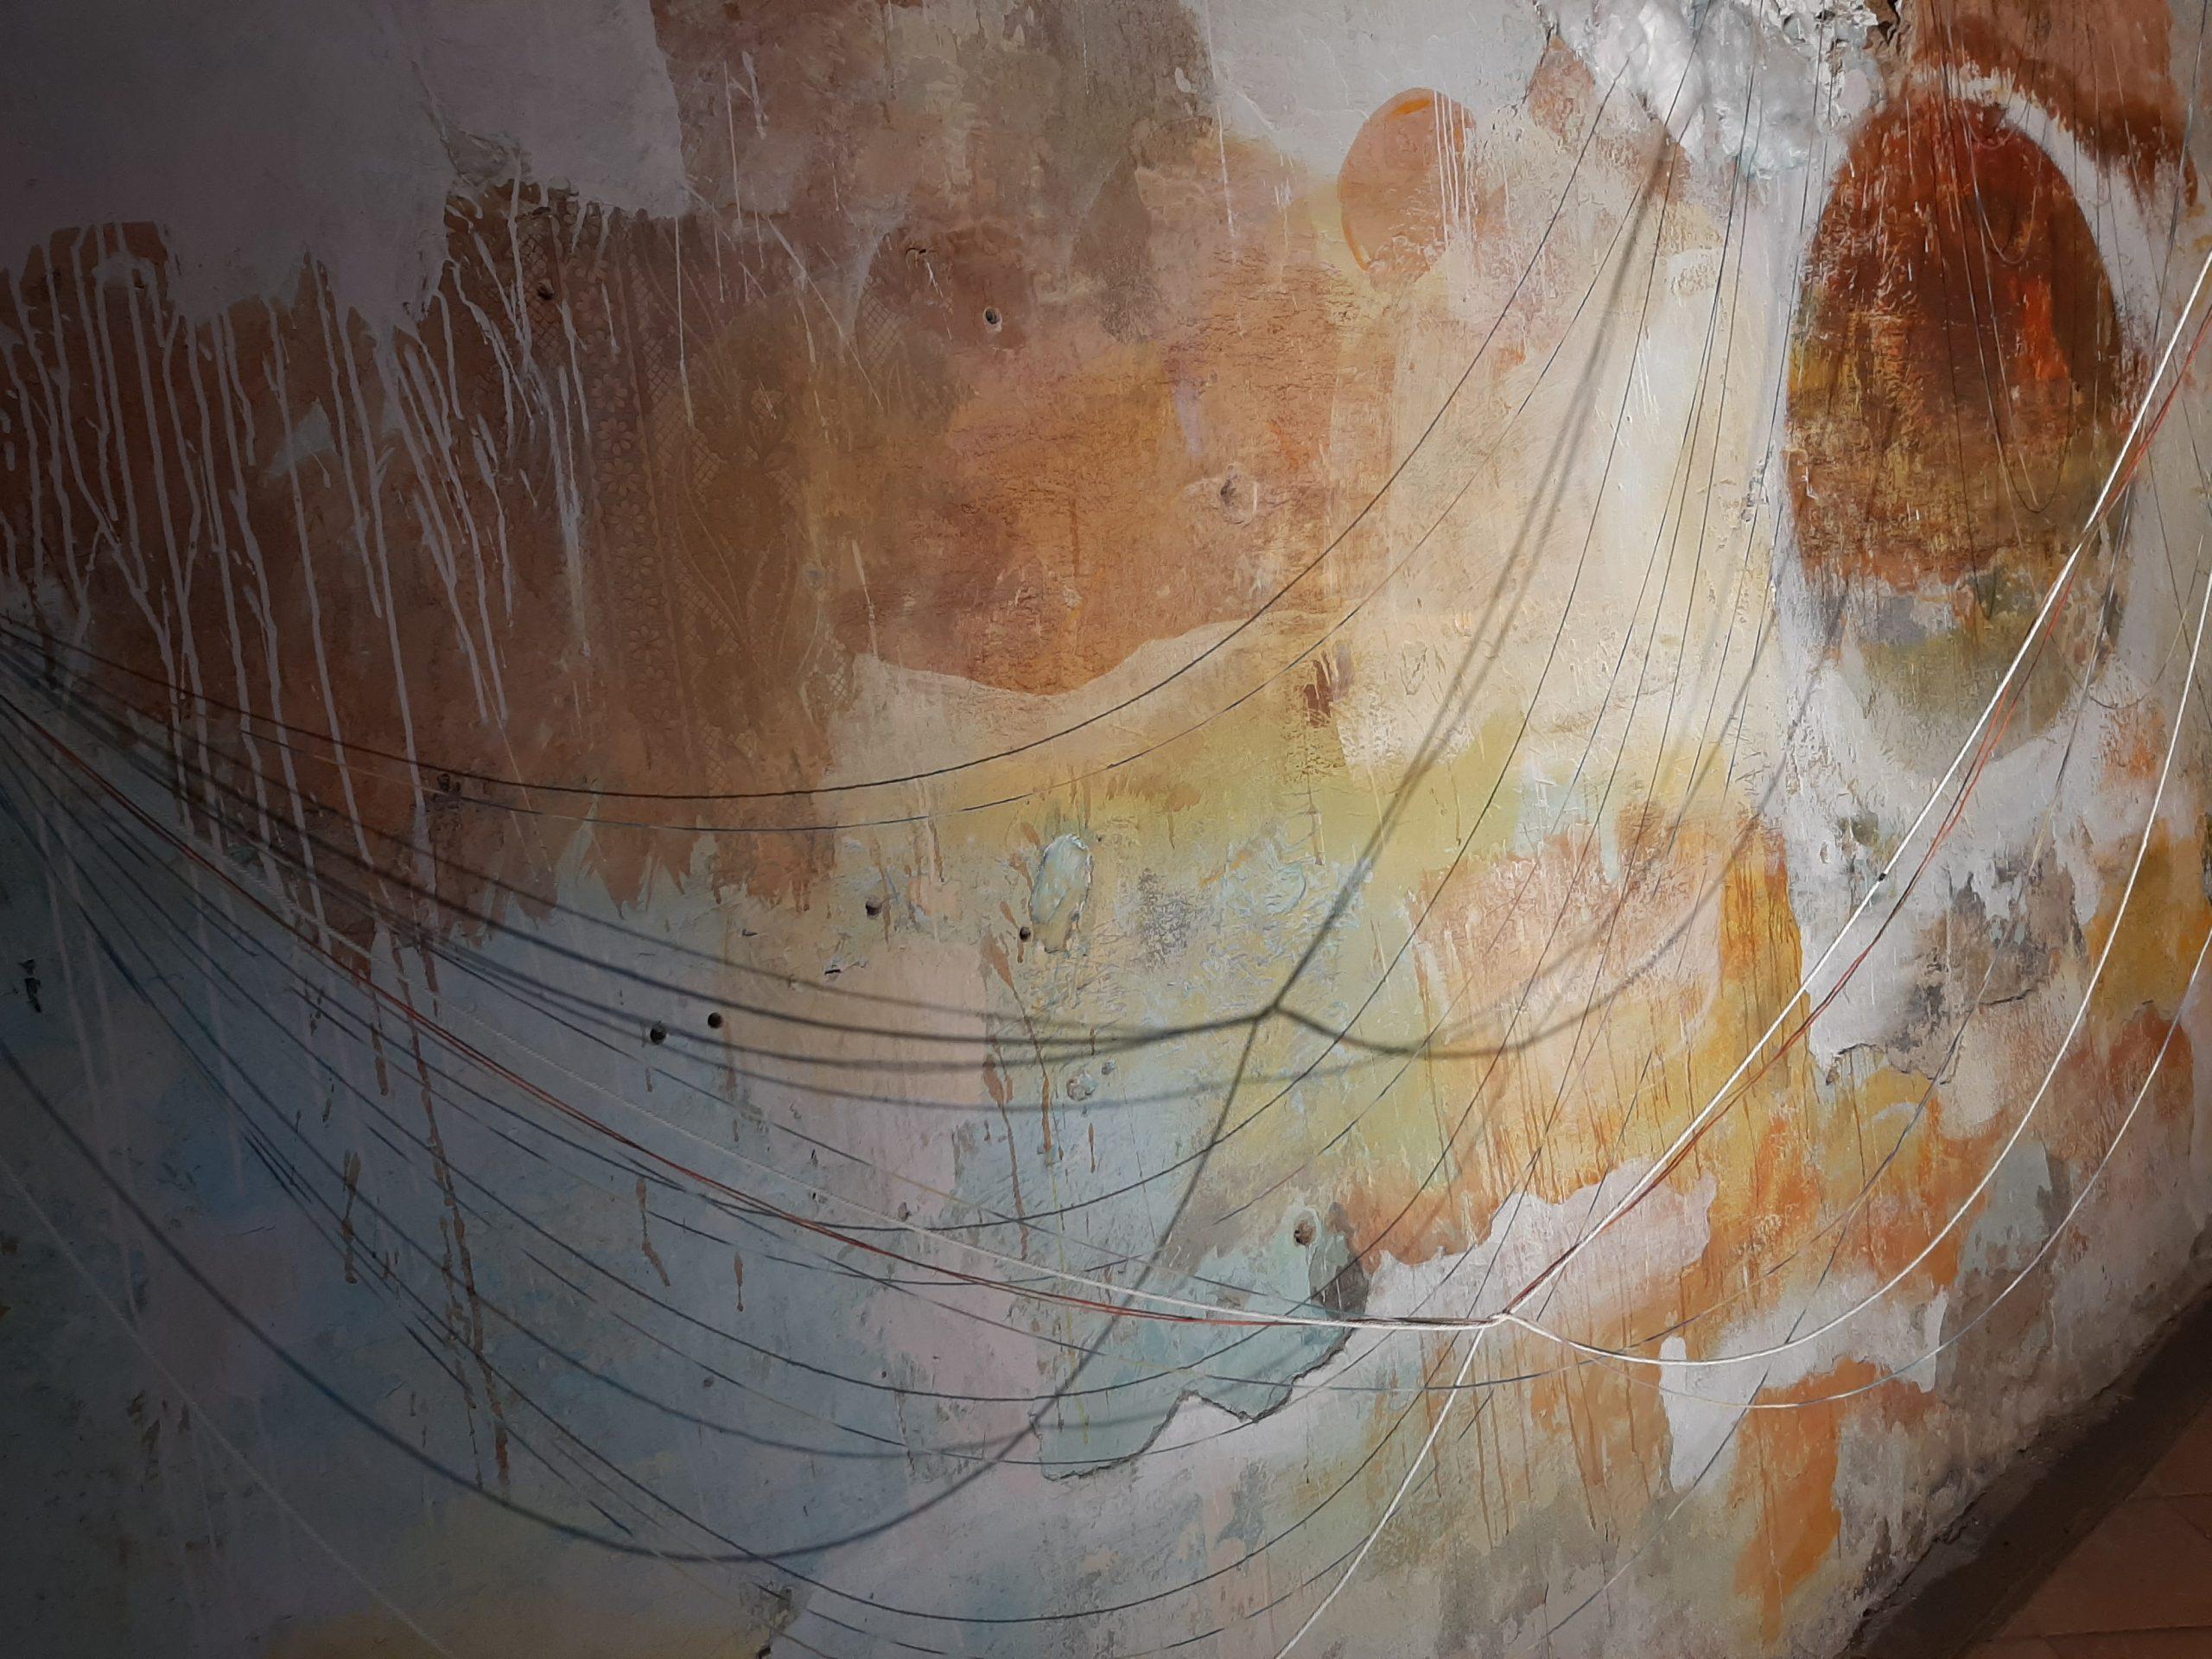 Jie Li und Sakiko Fukaya:  Jupiter, 2021